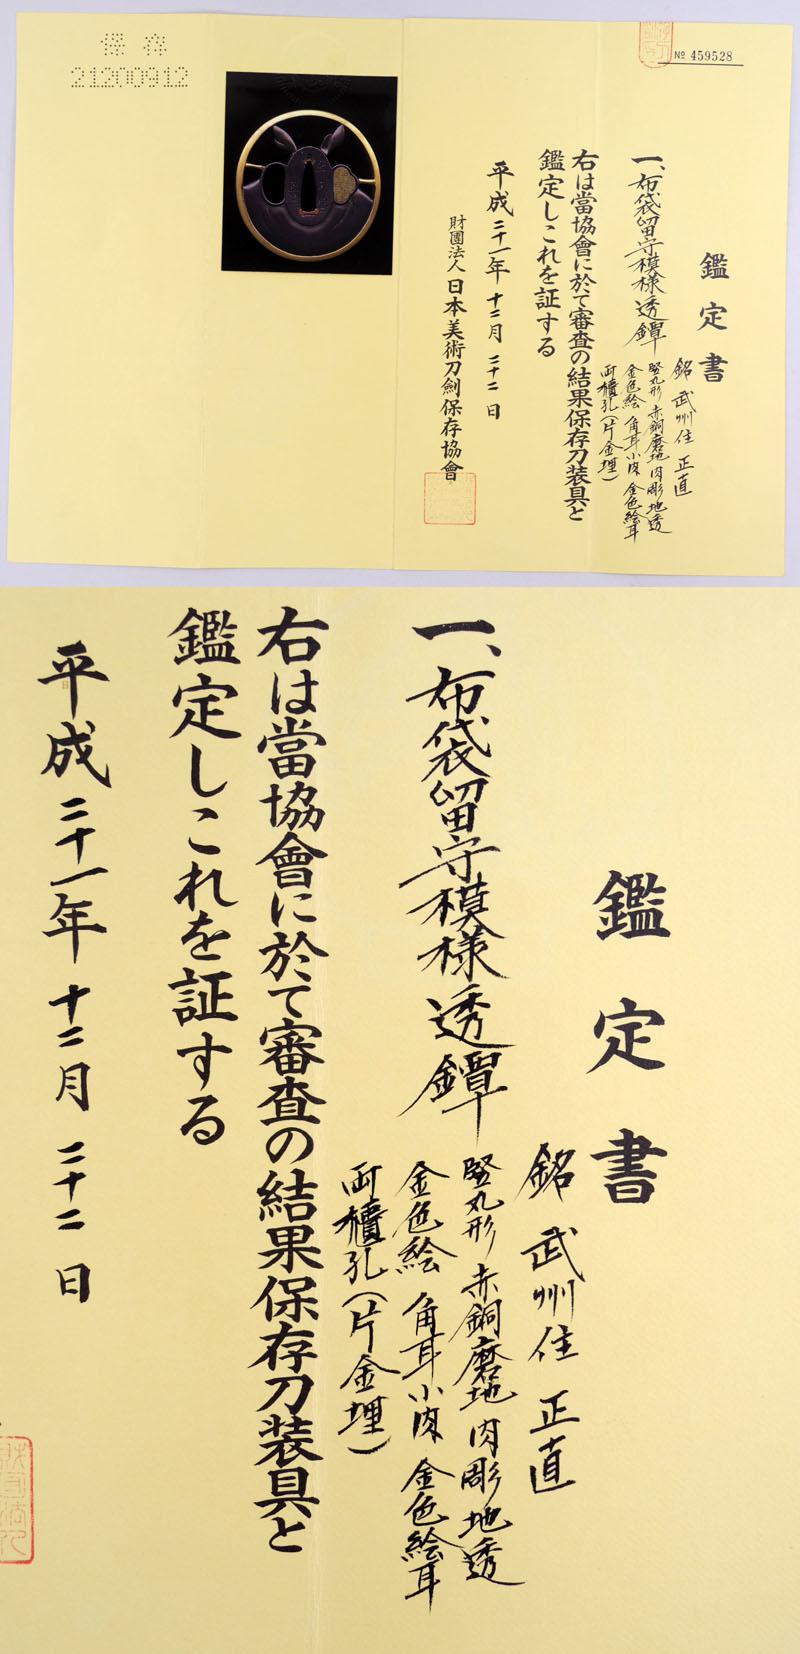 布袋留守模様透鍔 武州住 正直 Picture of Certificate